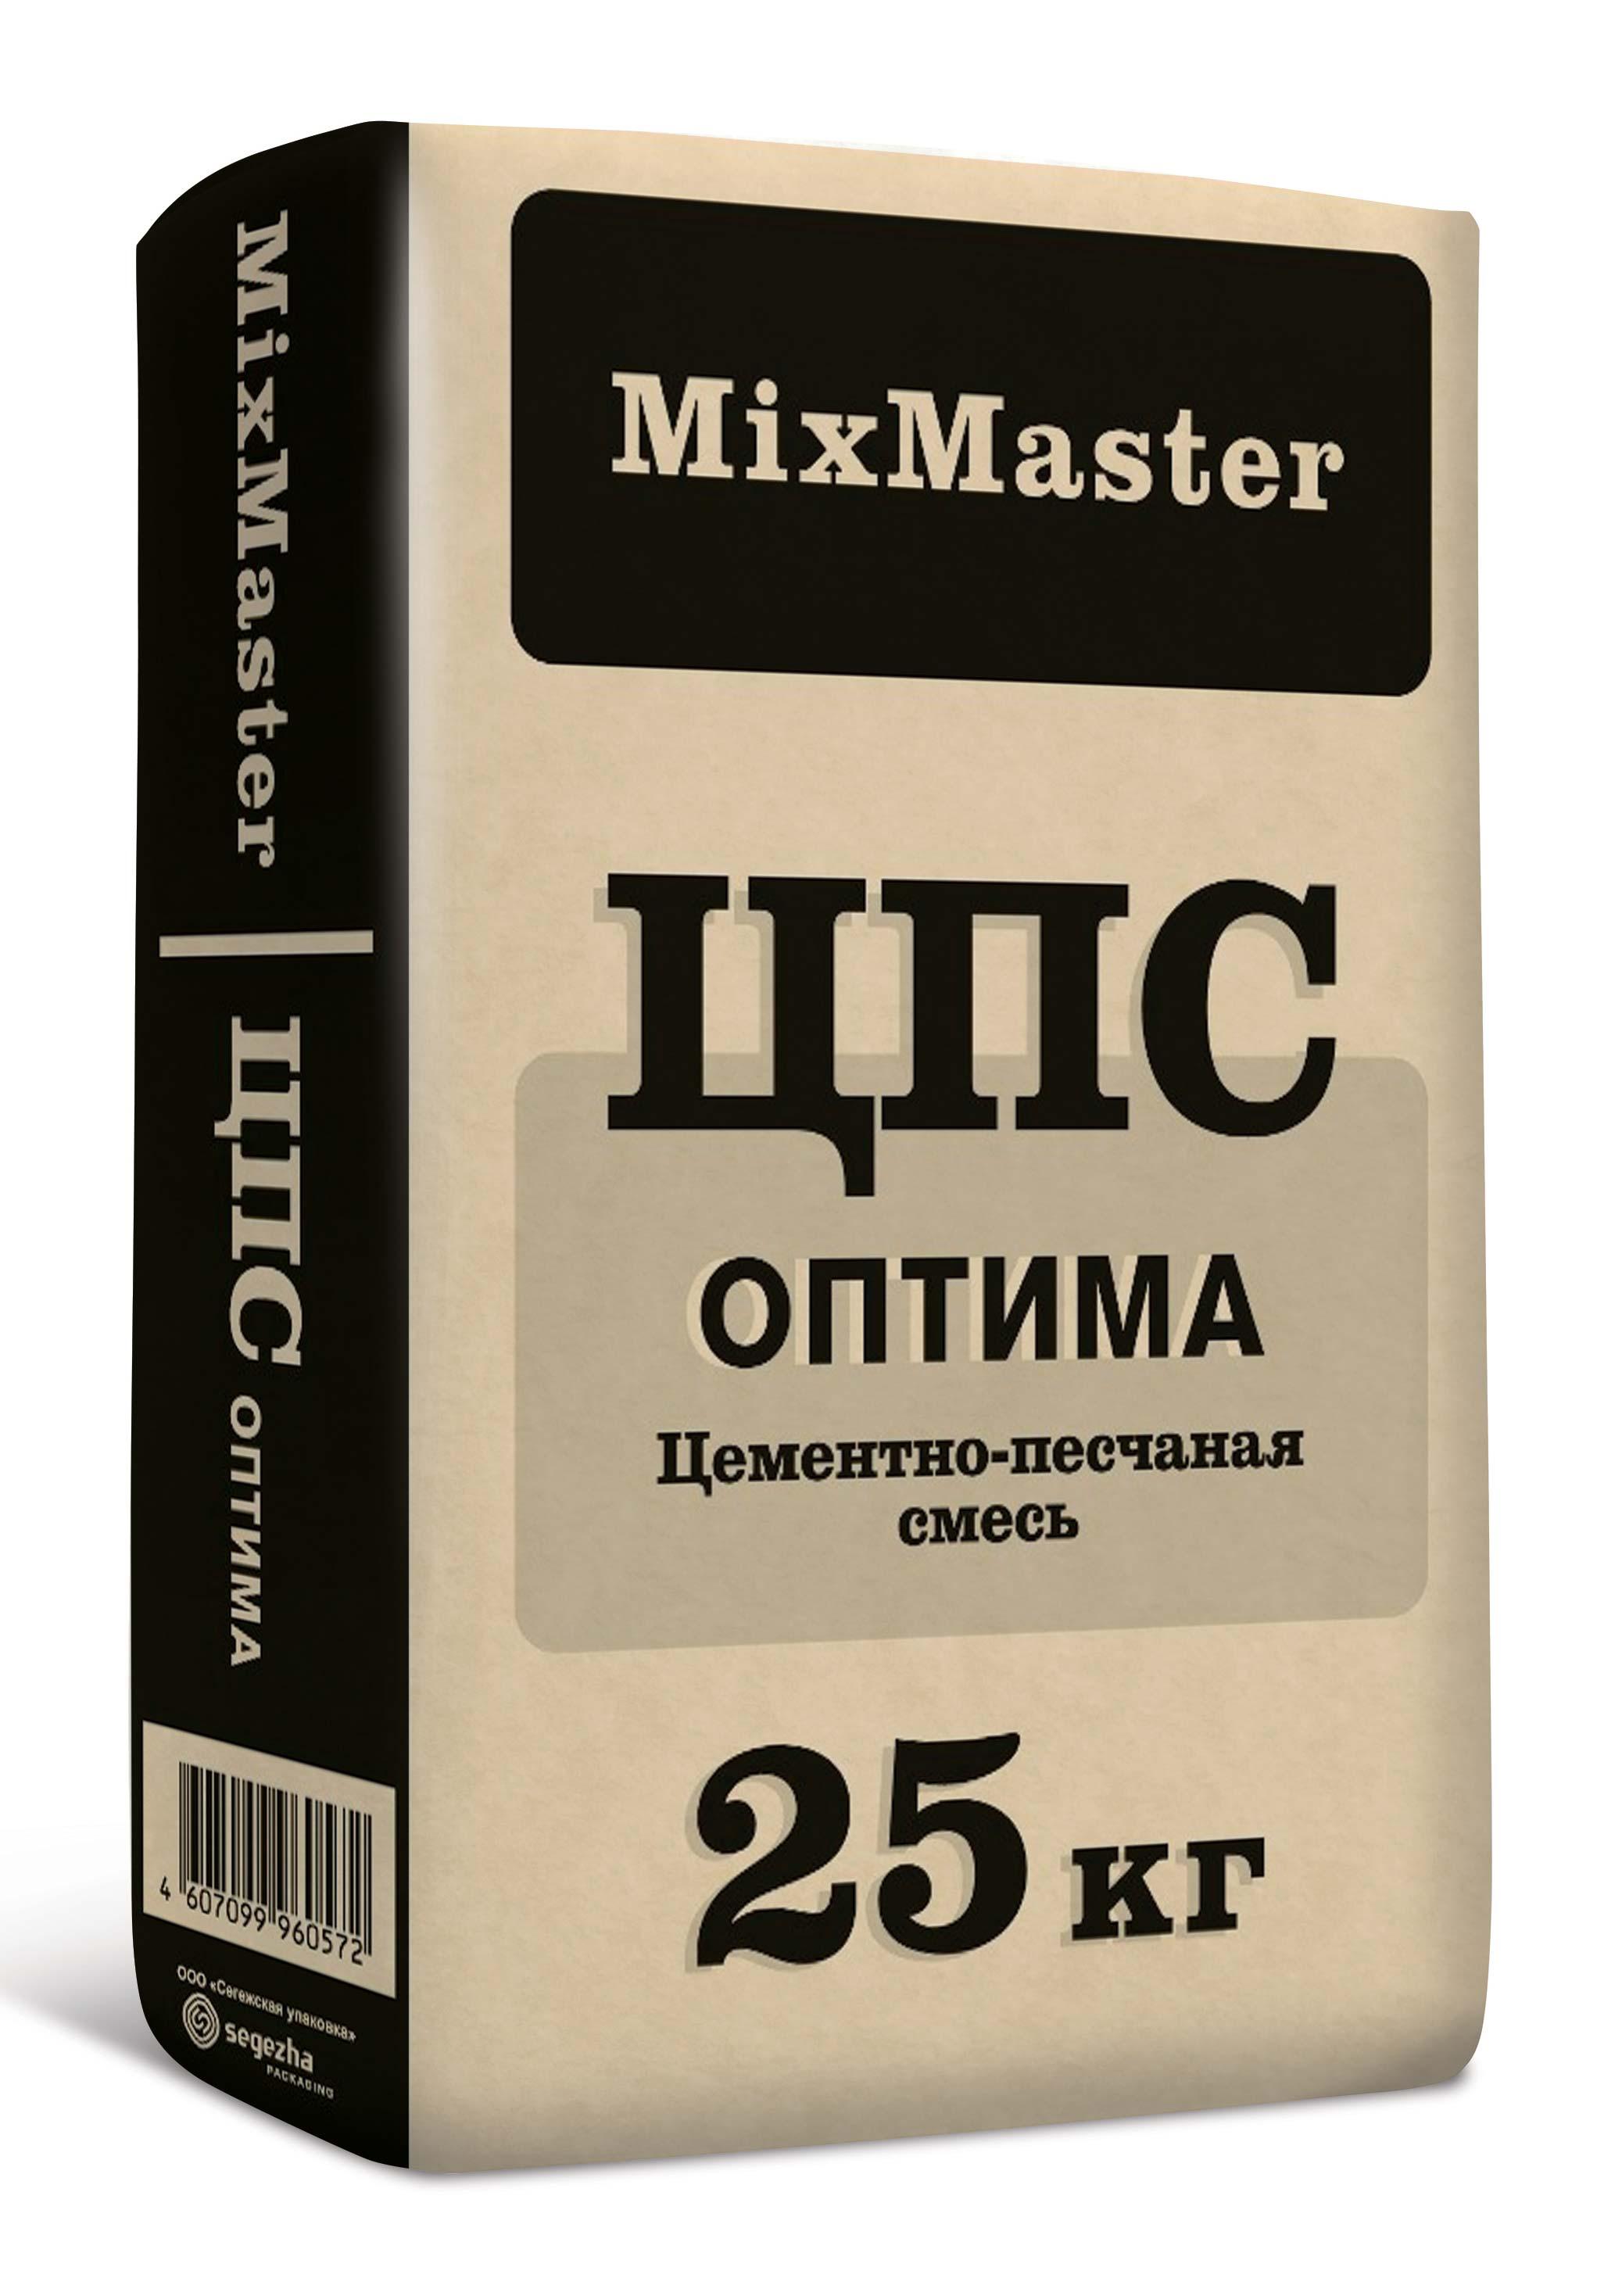 ЦПС Оптима (цементно-песчаная смесь) МиксМастер,  25 кг